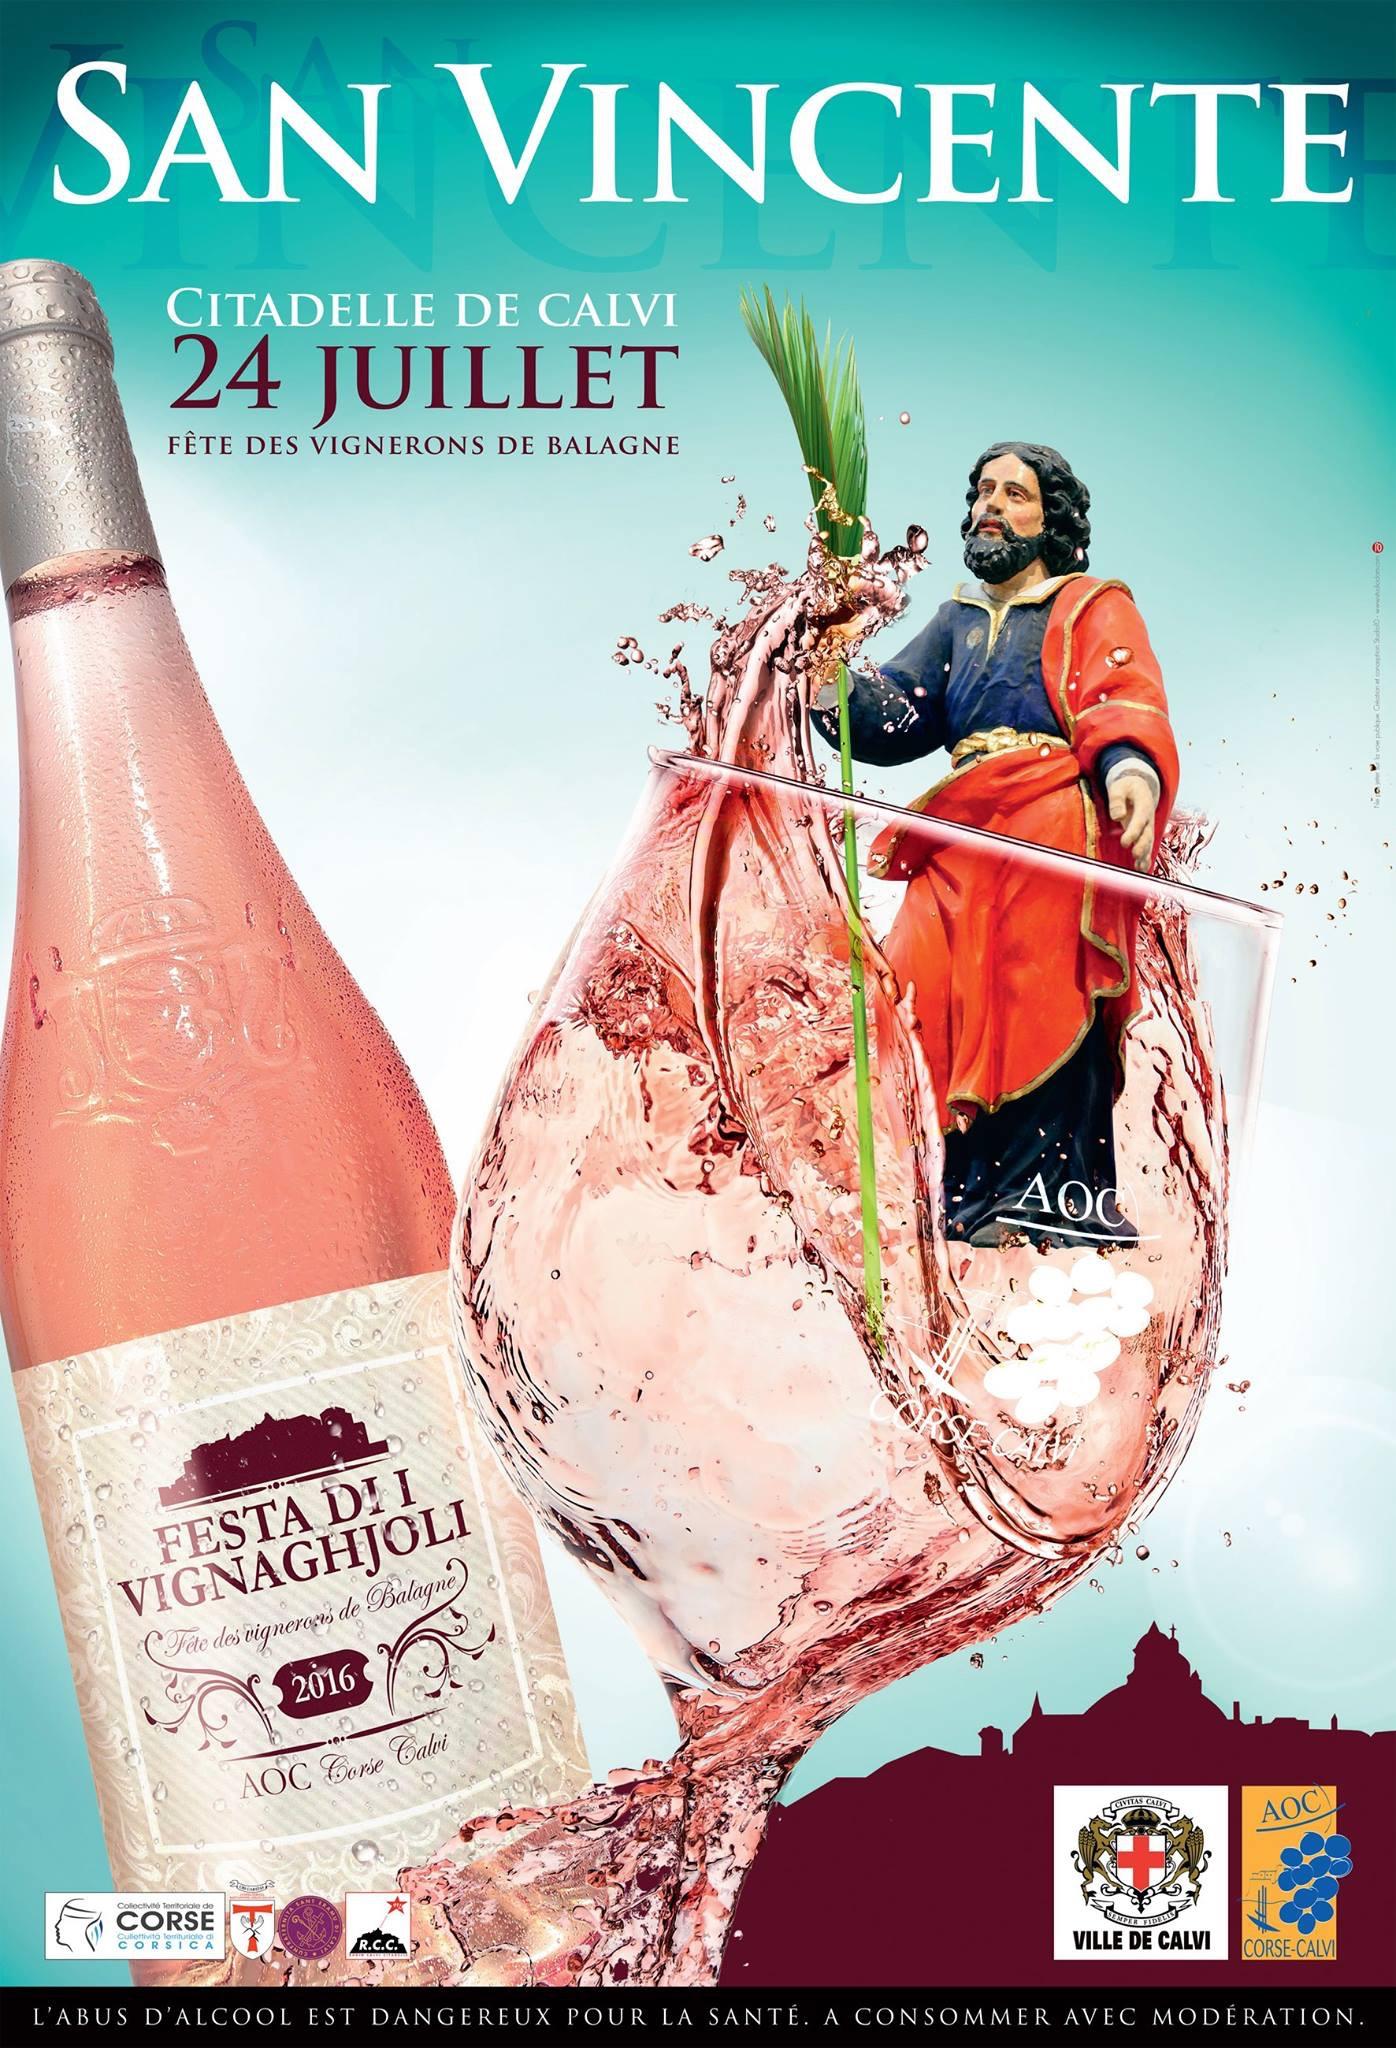 Saint Vincent dimanche à Calvi  avec procession et dégustation de vins de Balagne